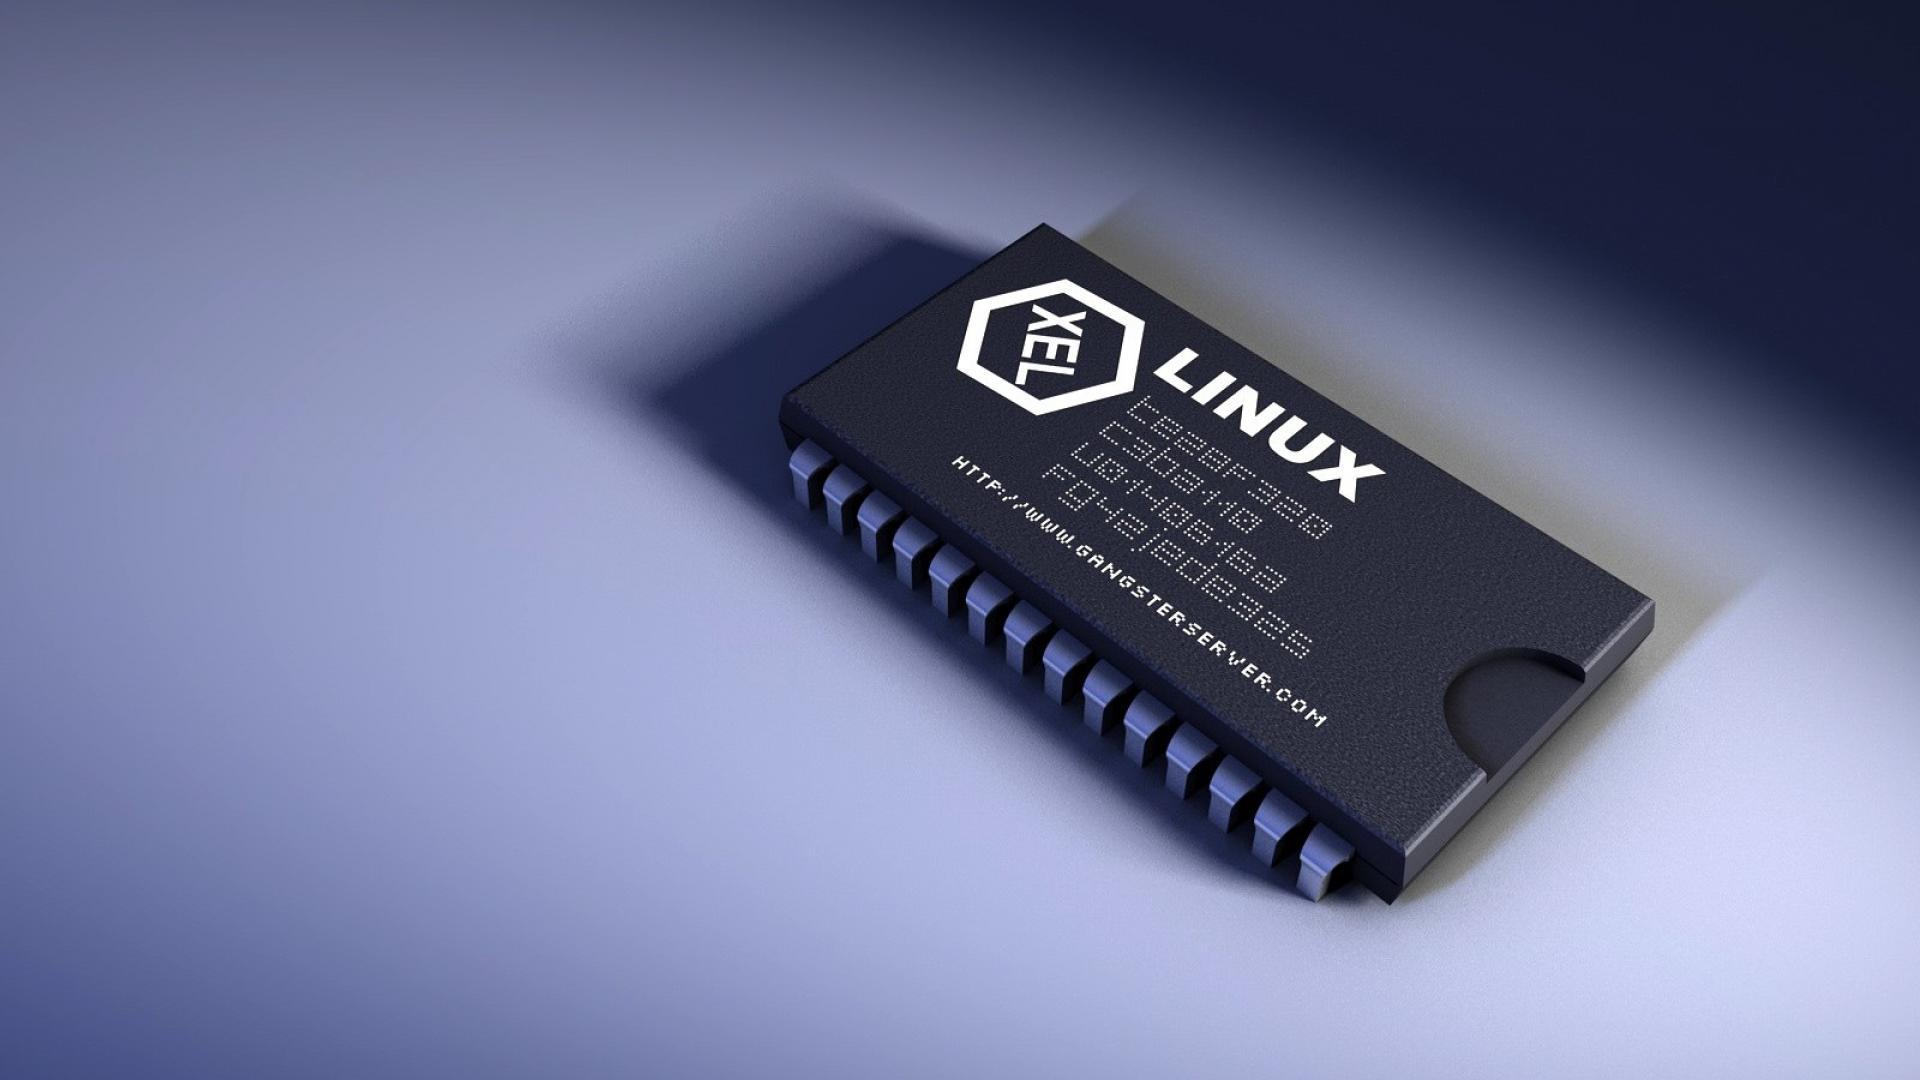 Como Trocar a Senha de um Usuário no Linux Ubuntu?